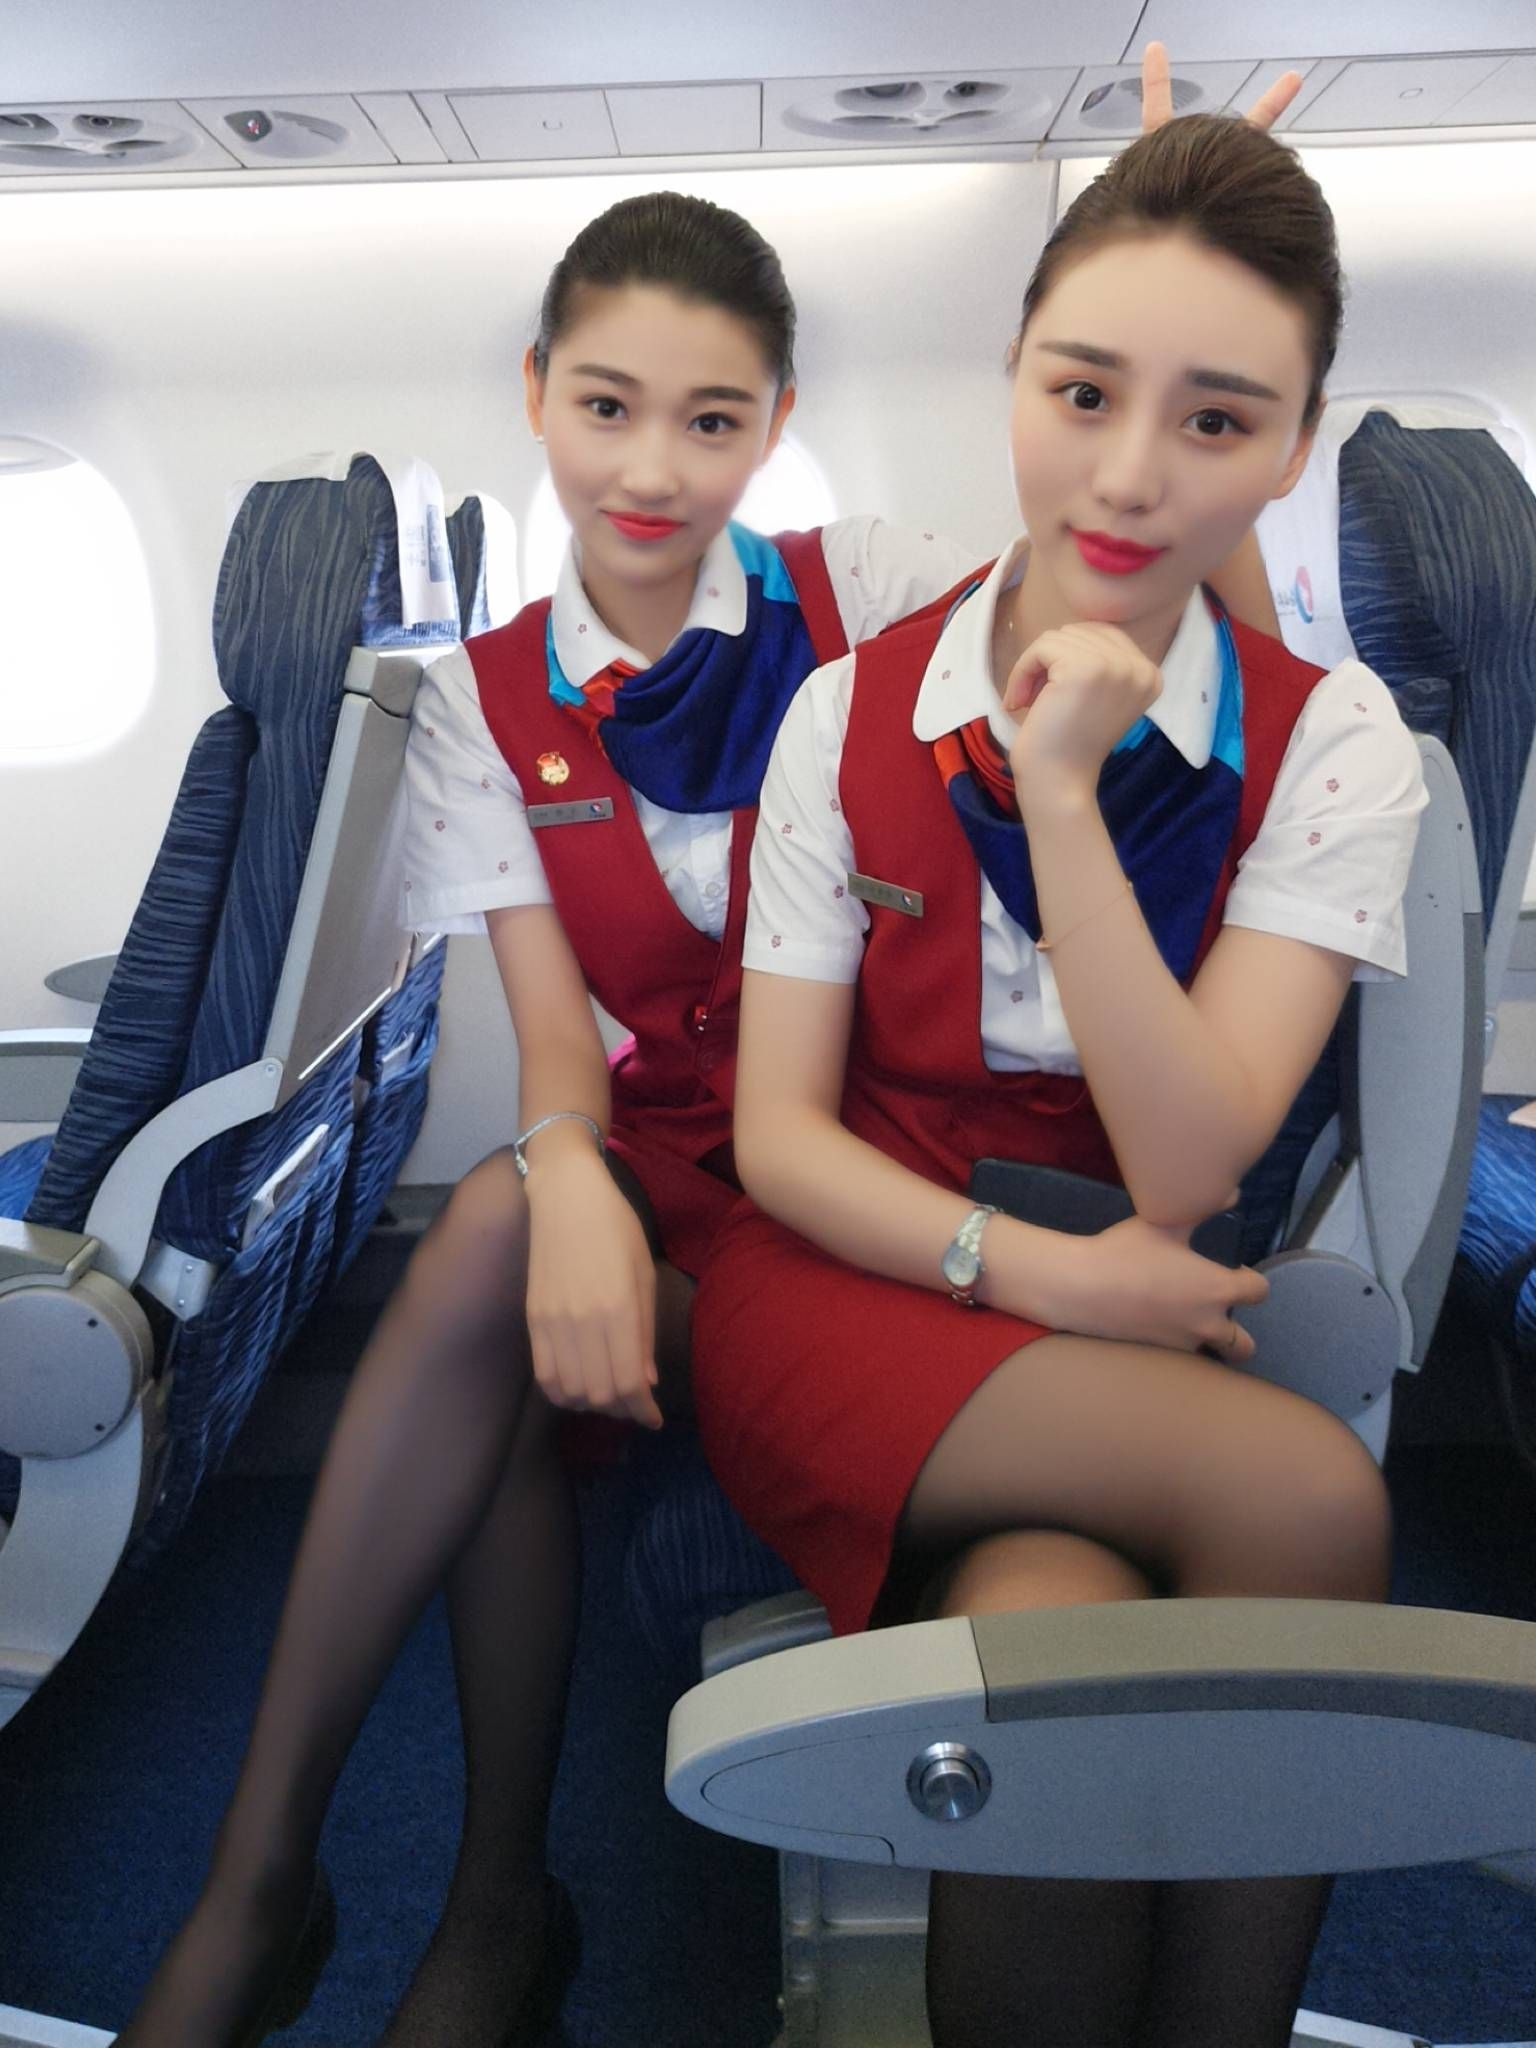 Sexy stewardess milf